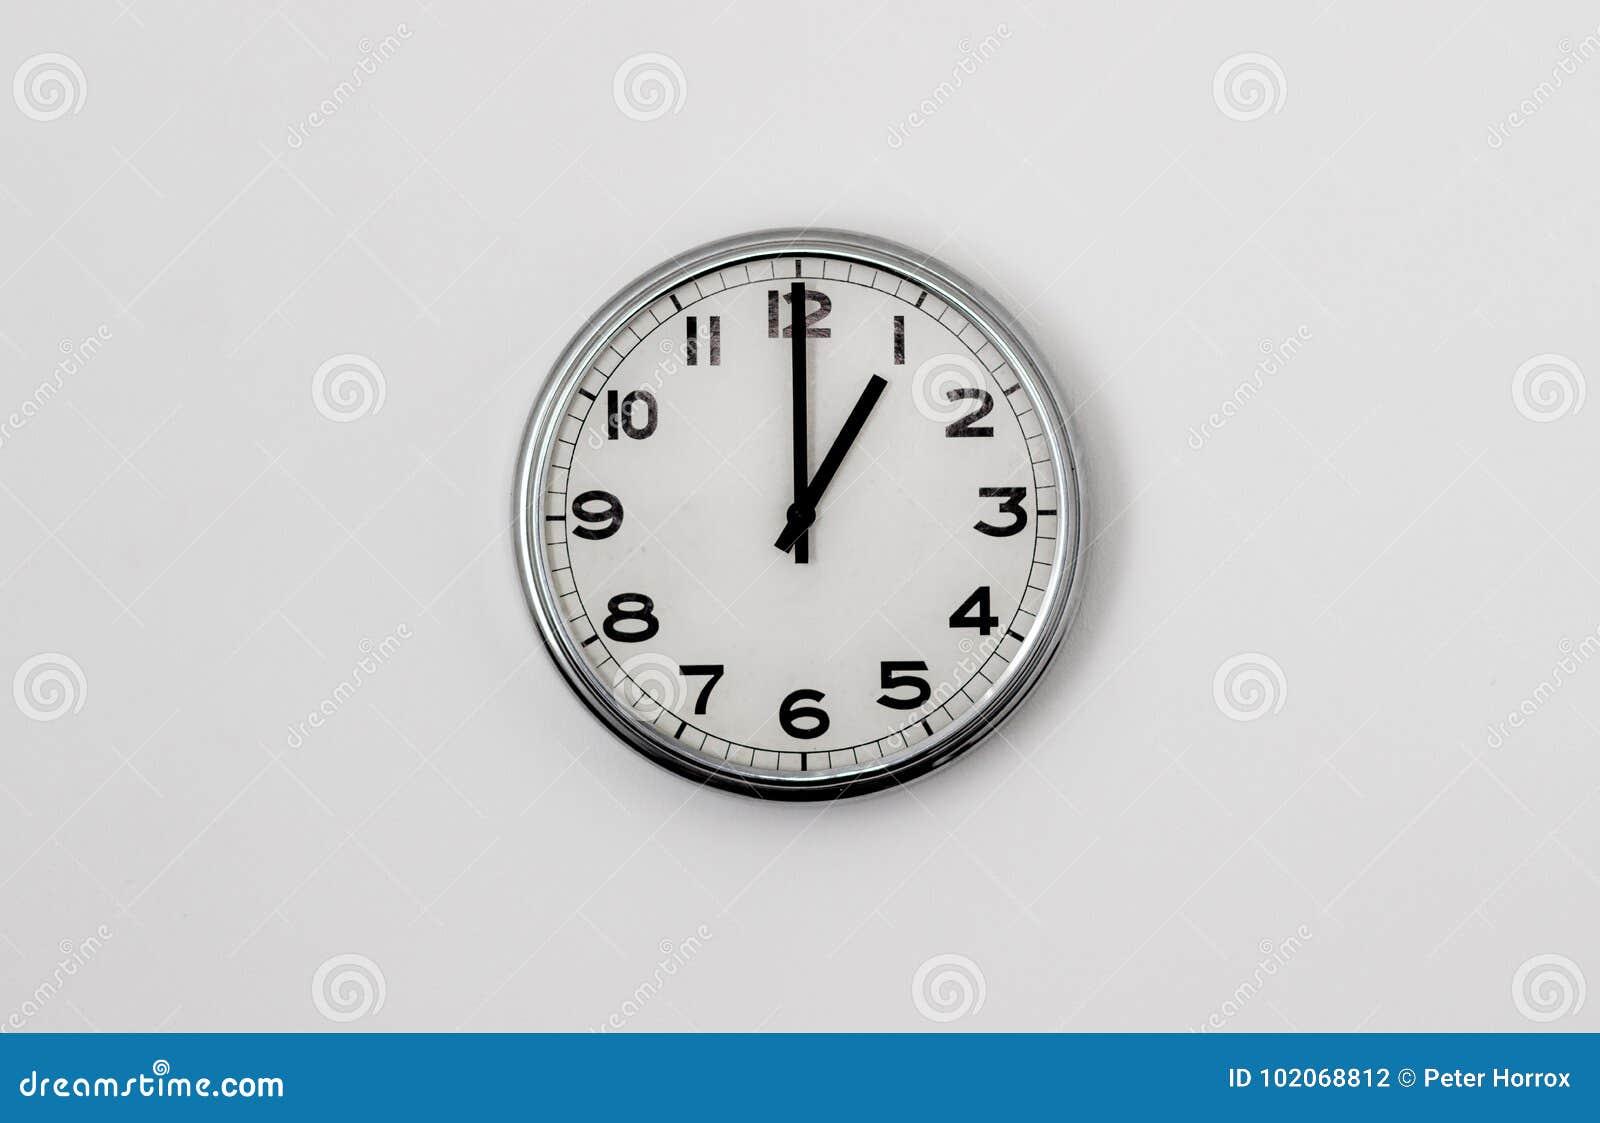 1:00 del reloj